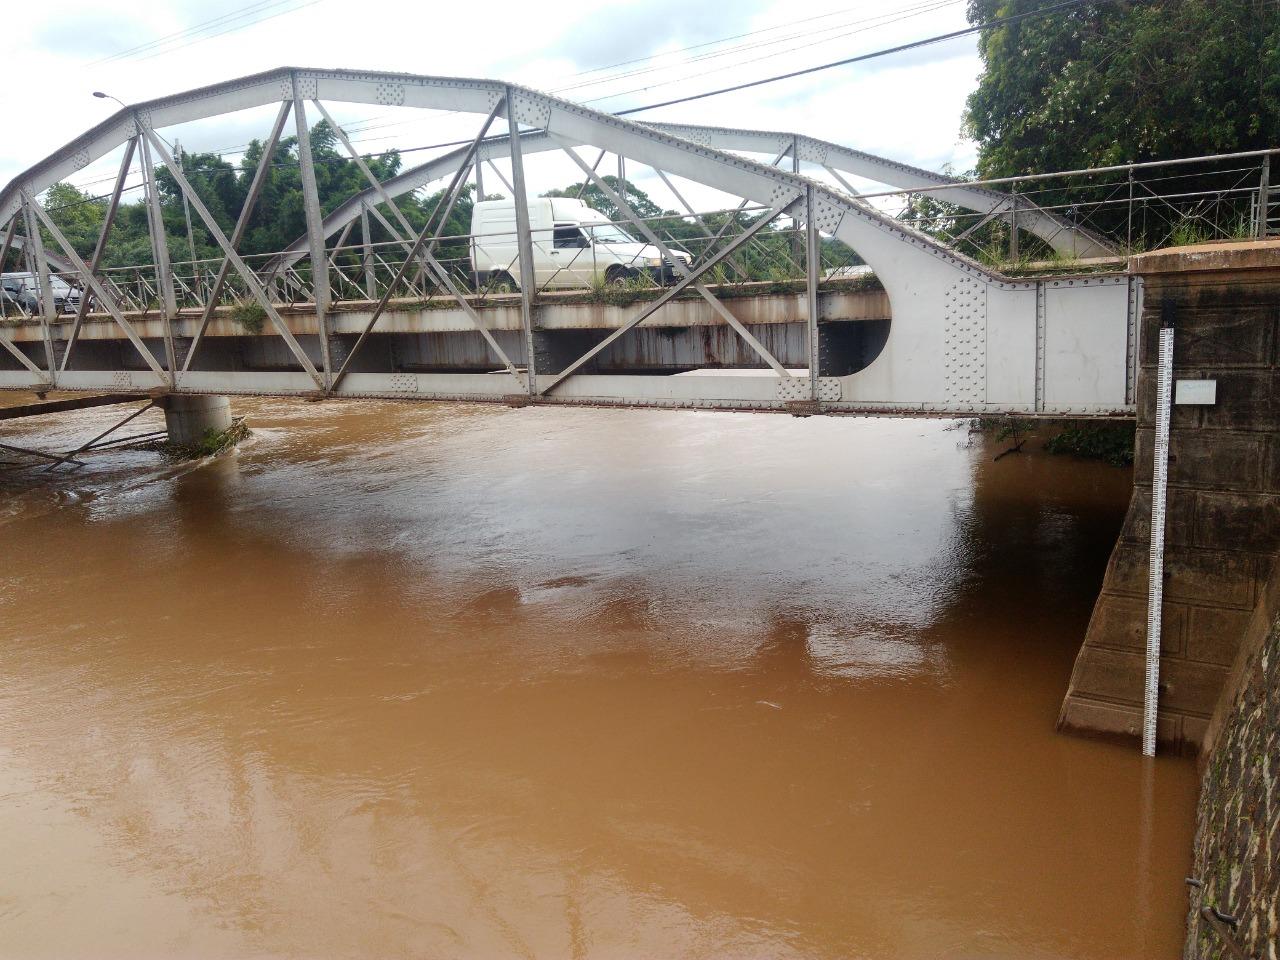 Ponte Metálica Rio Mogi Guaçu